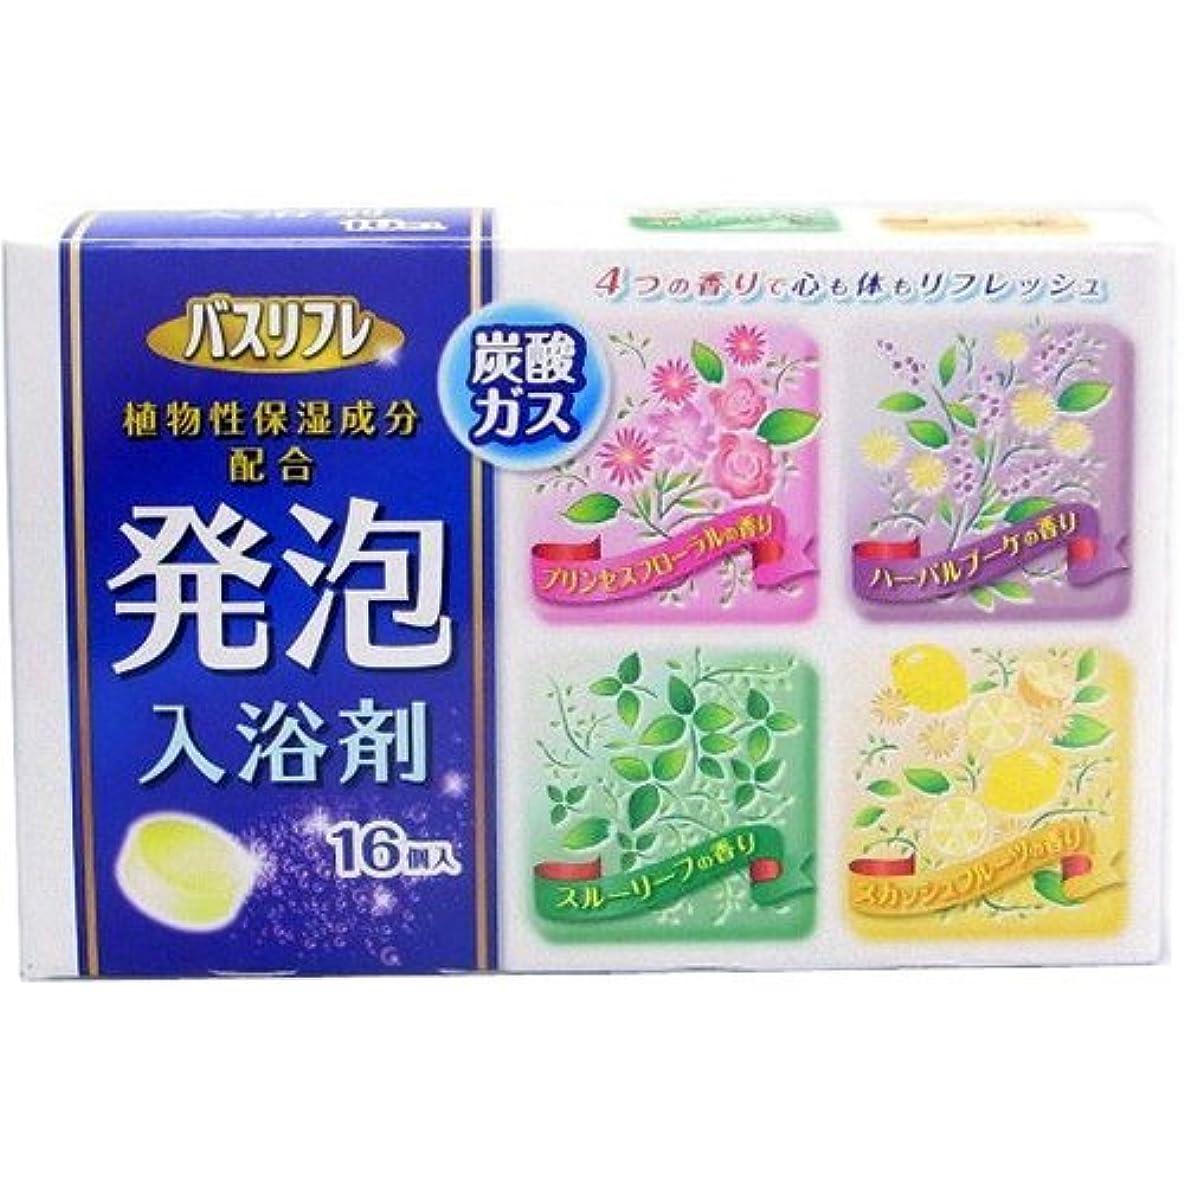 の前で有効天才バスリフレ 薬用発泡入浴剤 16錠 [医薬部外品] Japan